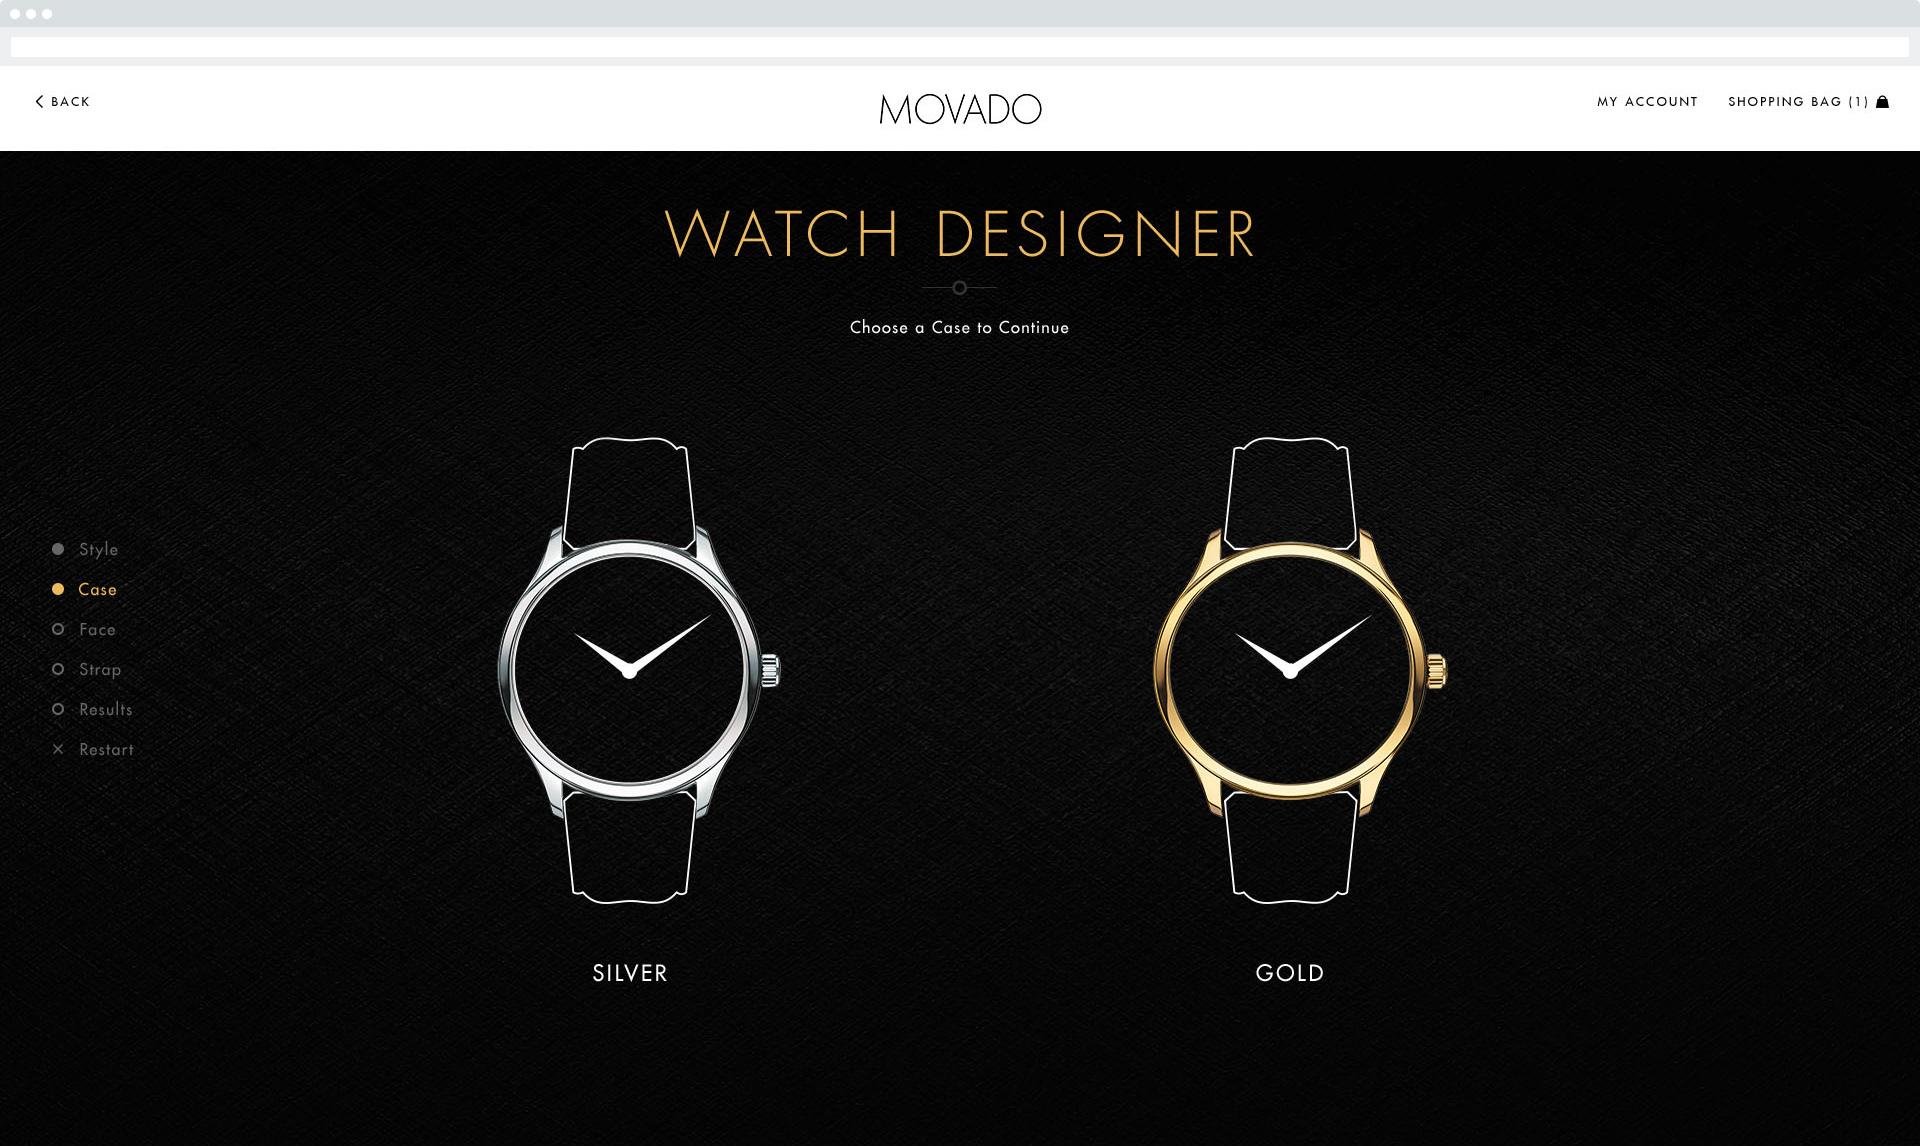 Movado_Desktop_WatchConfigurator_CN_1_CASE_for_web.jpg